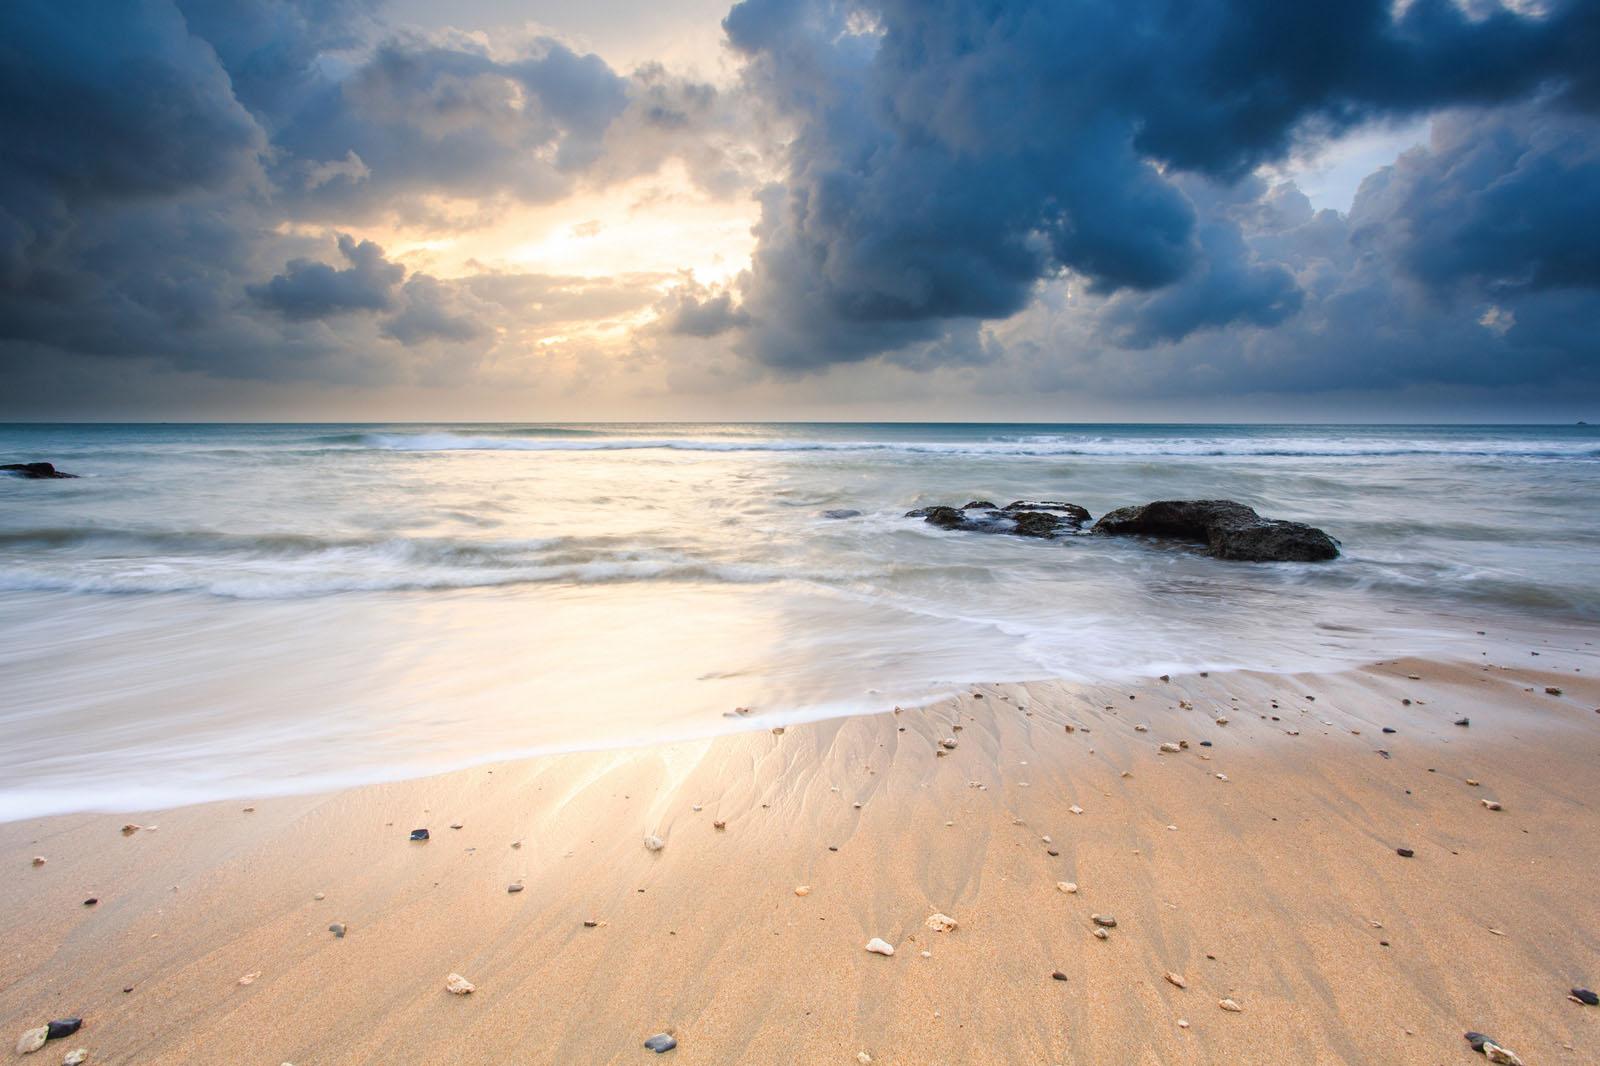 بالصور صور عن البحر , مناظر رائعة للبحر 1439 2